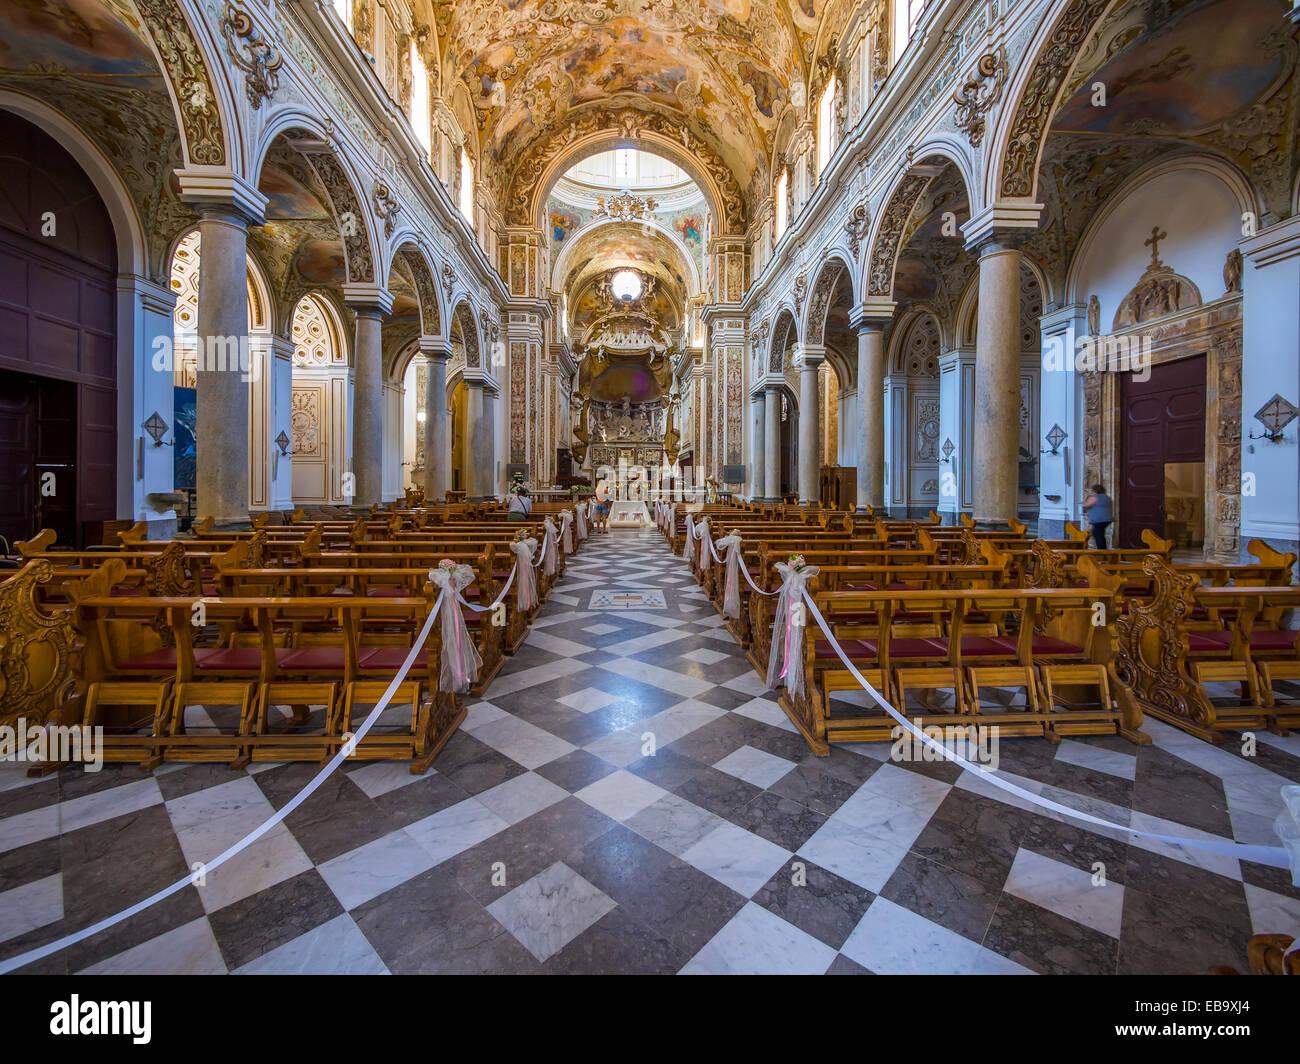 Interior of the Cathedral del Santissimo Salvatore or San Vito Church, Mazara del Vallo, Province of Trapani, Sicily, - Stock Image